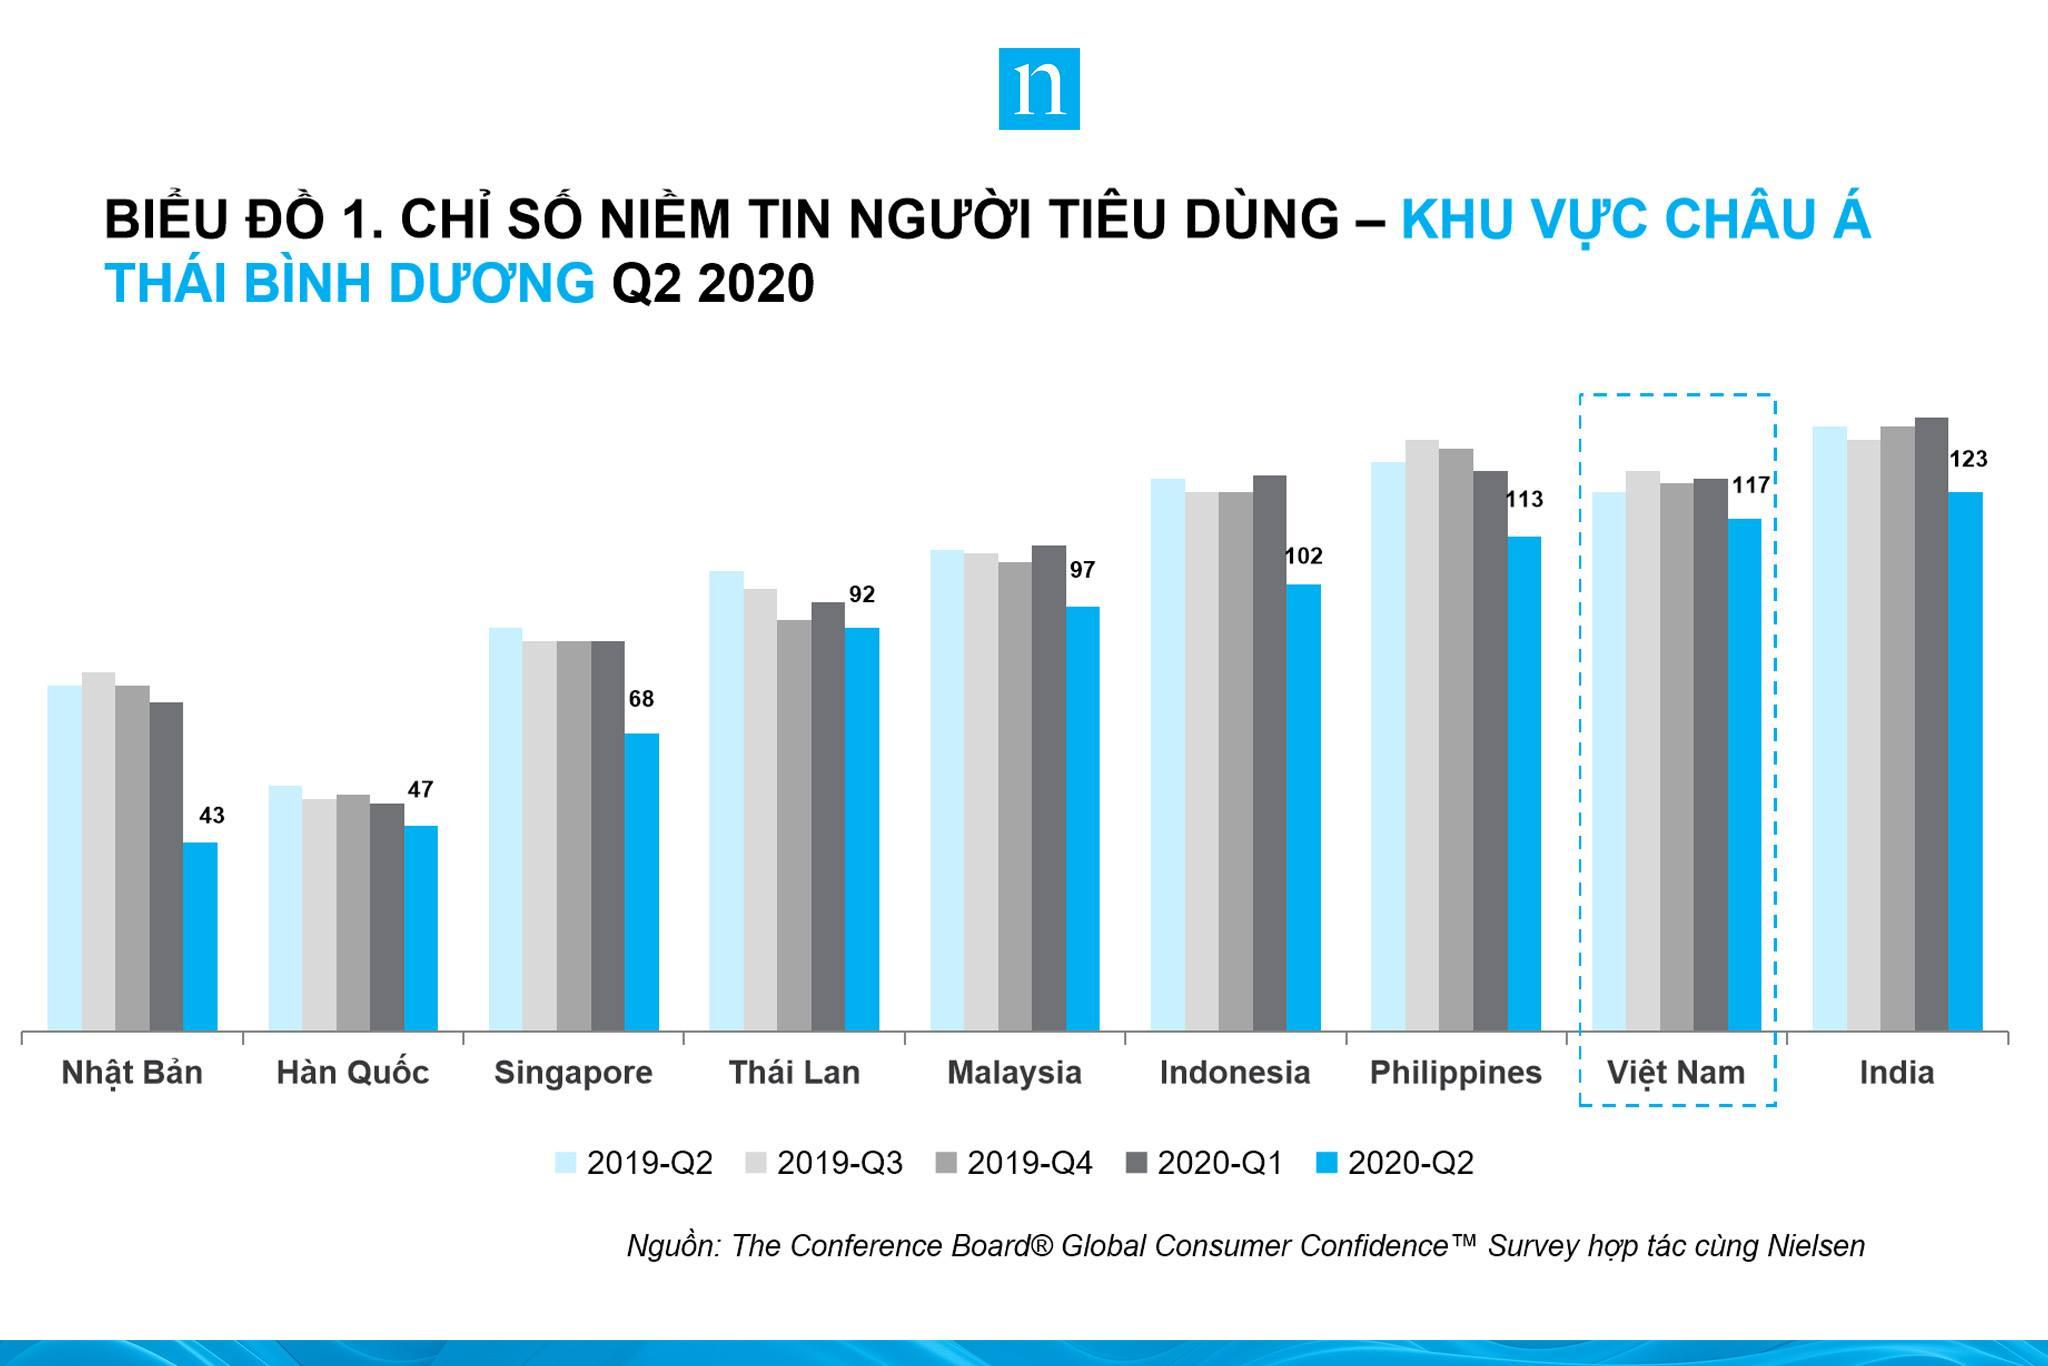 Người Việt Nam lạc quan thứ hai thế giới về tiêu dùng bất chấp dịch COVID-19 - Ảnh 1.